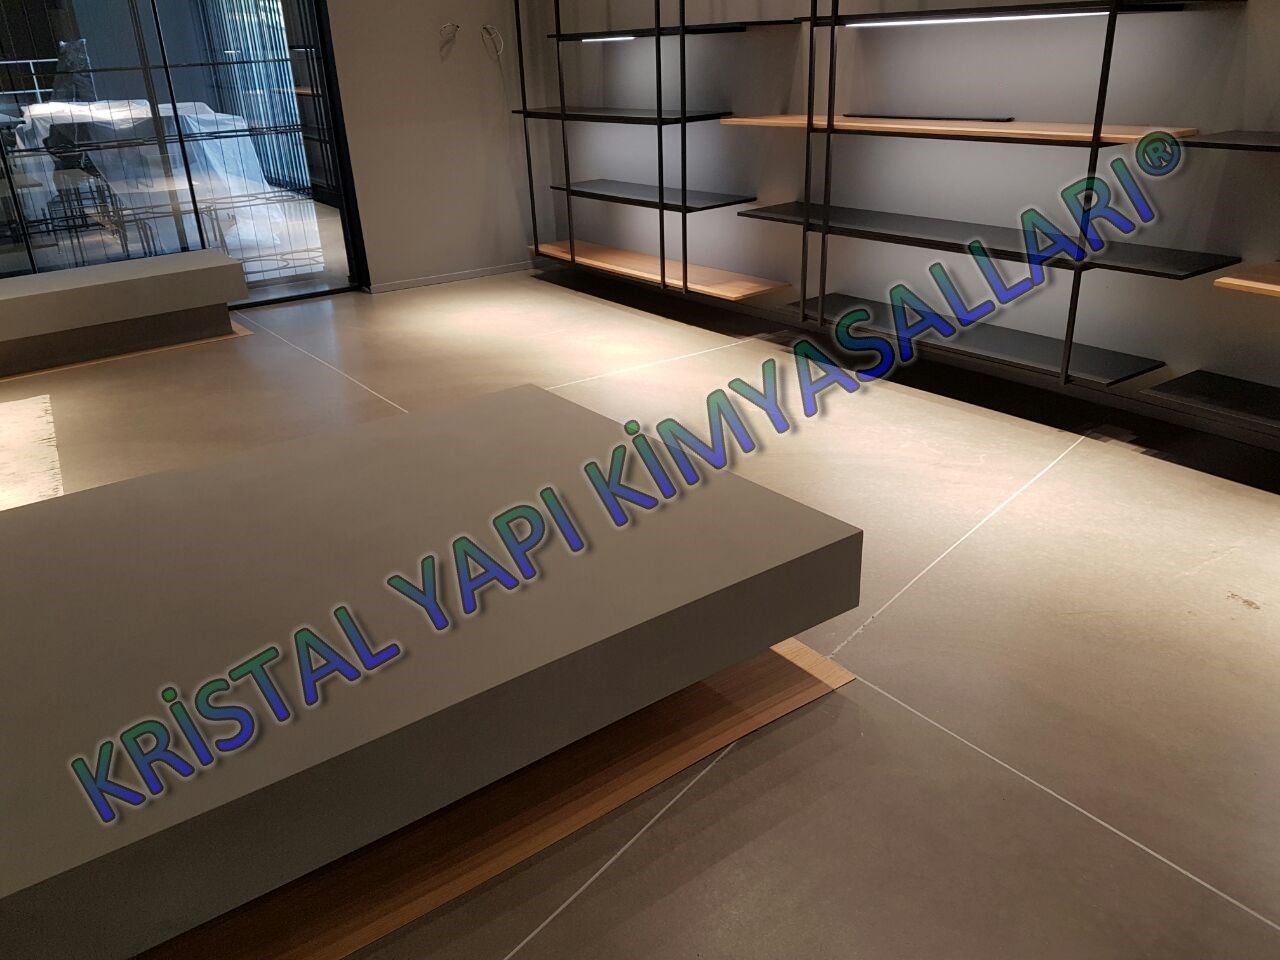 dekoratif+zemin+kaplamaları, dekoratif+zemin+uygulamaları, dekoratif+zemin+kaplama+çeşitleri